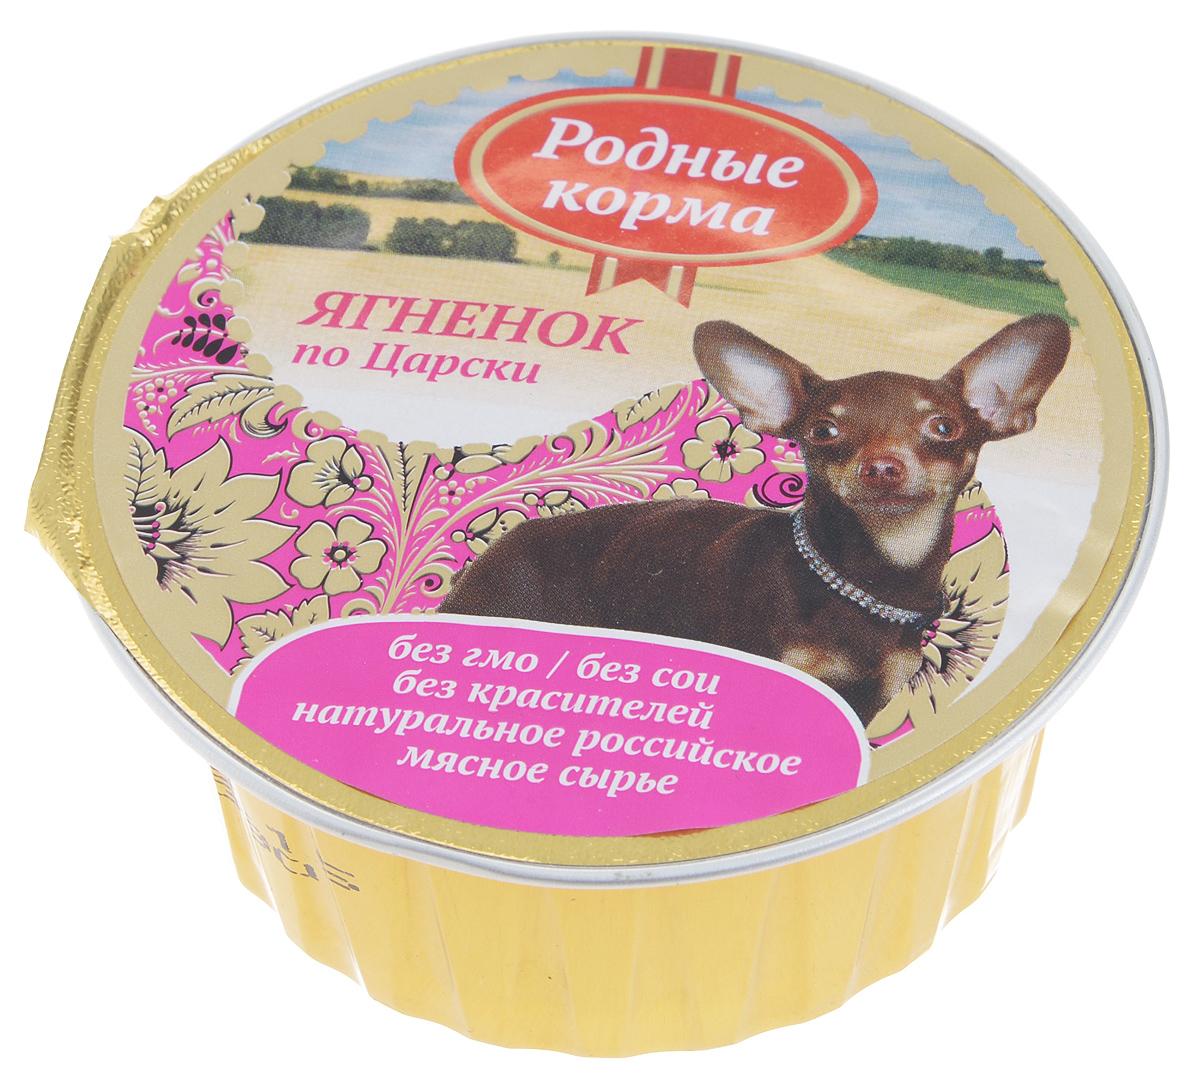 Консервы для собак Родные корма Ягненок по-царски, 125 г0120710В рацион домашнего любимца нужно обязательно включать консервированный корм, ведь его главные достоинства - высокая калорийность и питательная ценность. Консервы лучше усваиваются, чем сухие корма. Также важно, что животные, имеющие в рационе консервированный корм, получают больше влаги. Полнорационный консервированный корм Родные корма Ягненок по-царски идеально подойдет вашему любимцу. Консервы приготовлены из натурального российского мяса.Не содержат сои, консервантов, красителей, ароматизаторов и генномодифицированных продуктов.Состав: баранина, мясопродукты, натуральная желирующая добавка, злаки (не более 2%), растительное масло, соль, вода. Пищевая ценность в 100 г: 8% протеин, 6% жир, 0,2% клетчатка, 2% зола, 4% углеводы, влага - до 80%. Энергетическая ценность: 102 кКал. Вес: 125 г.Товар сертифицирован.